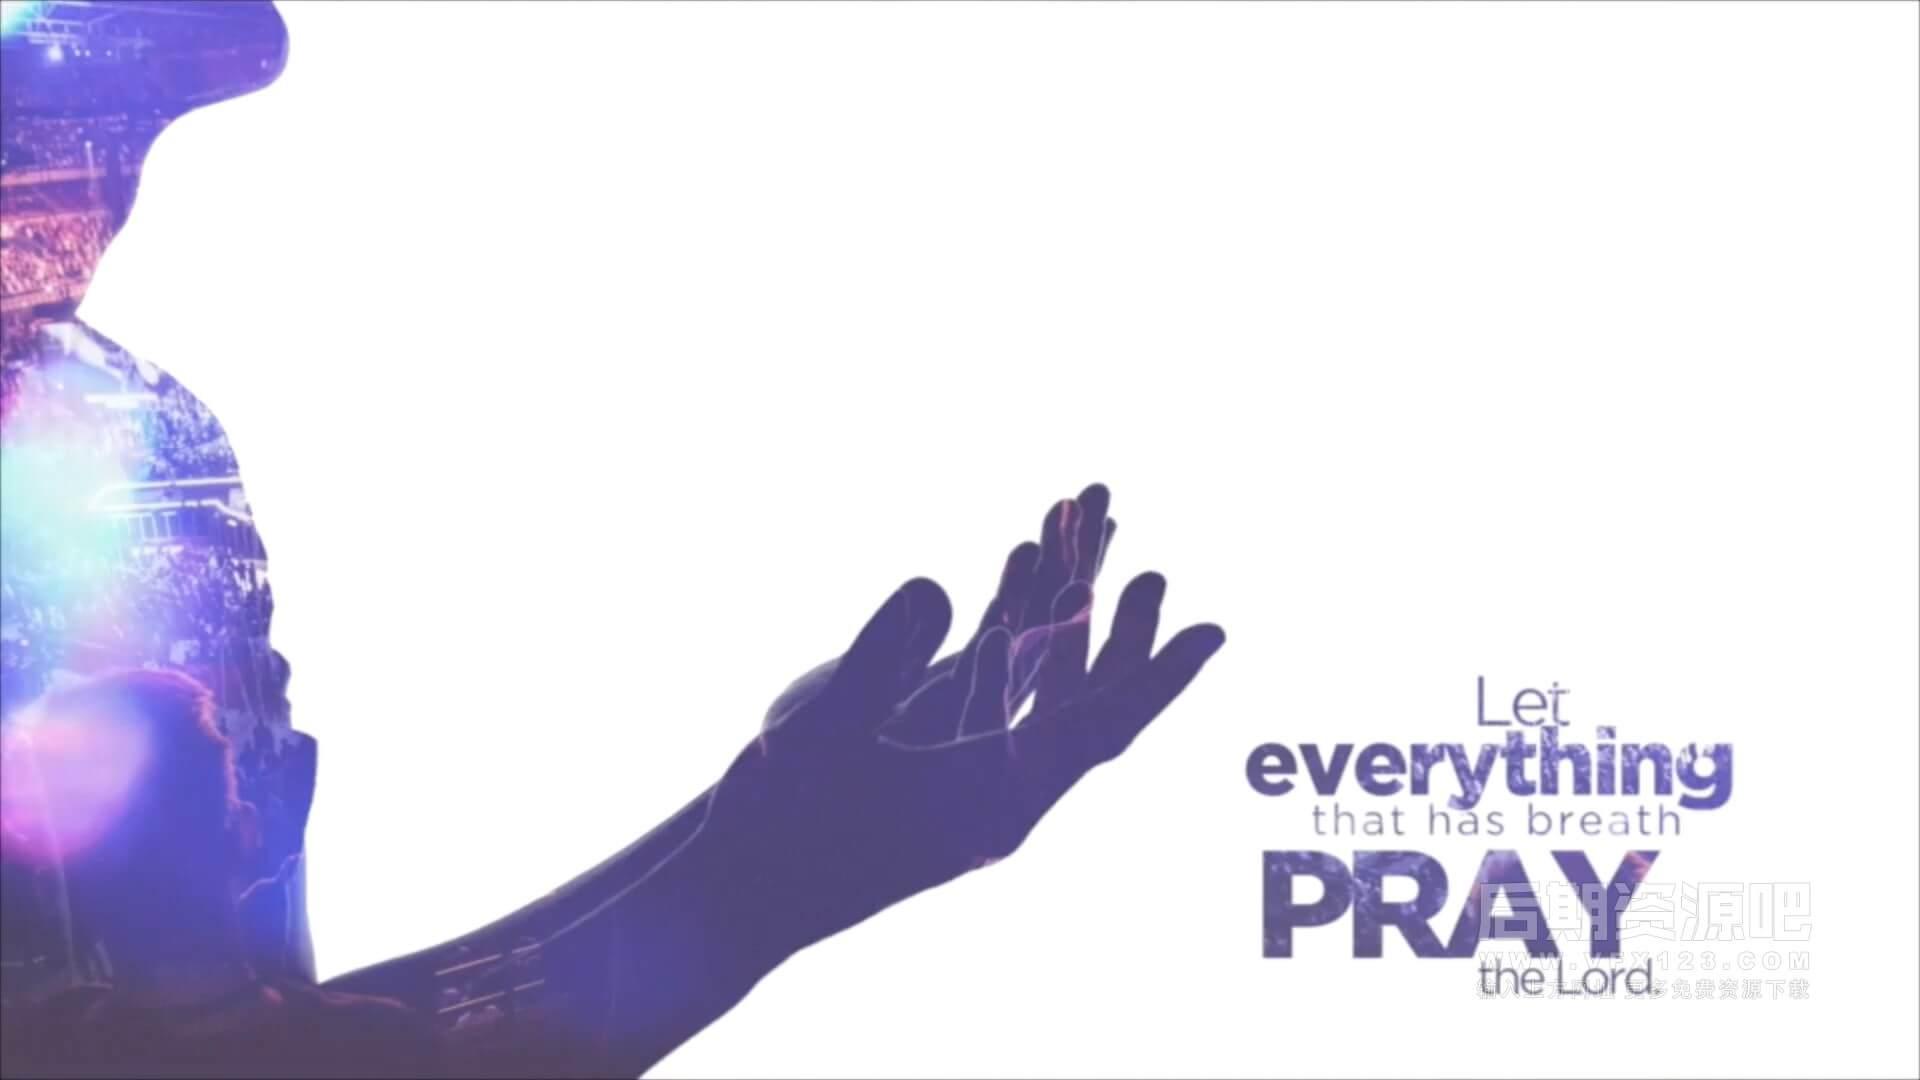 fcpx插件 10组唯美双重曝光效果制作预设 附6组光效叠加素材 The Pray